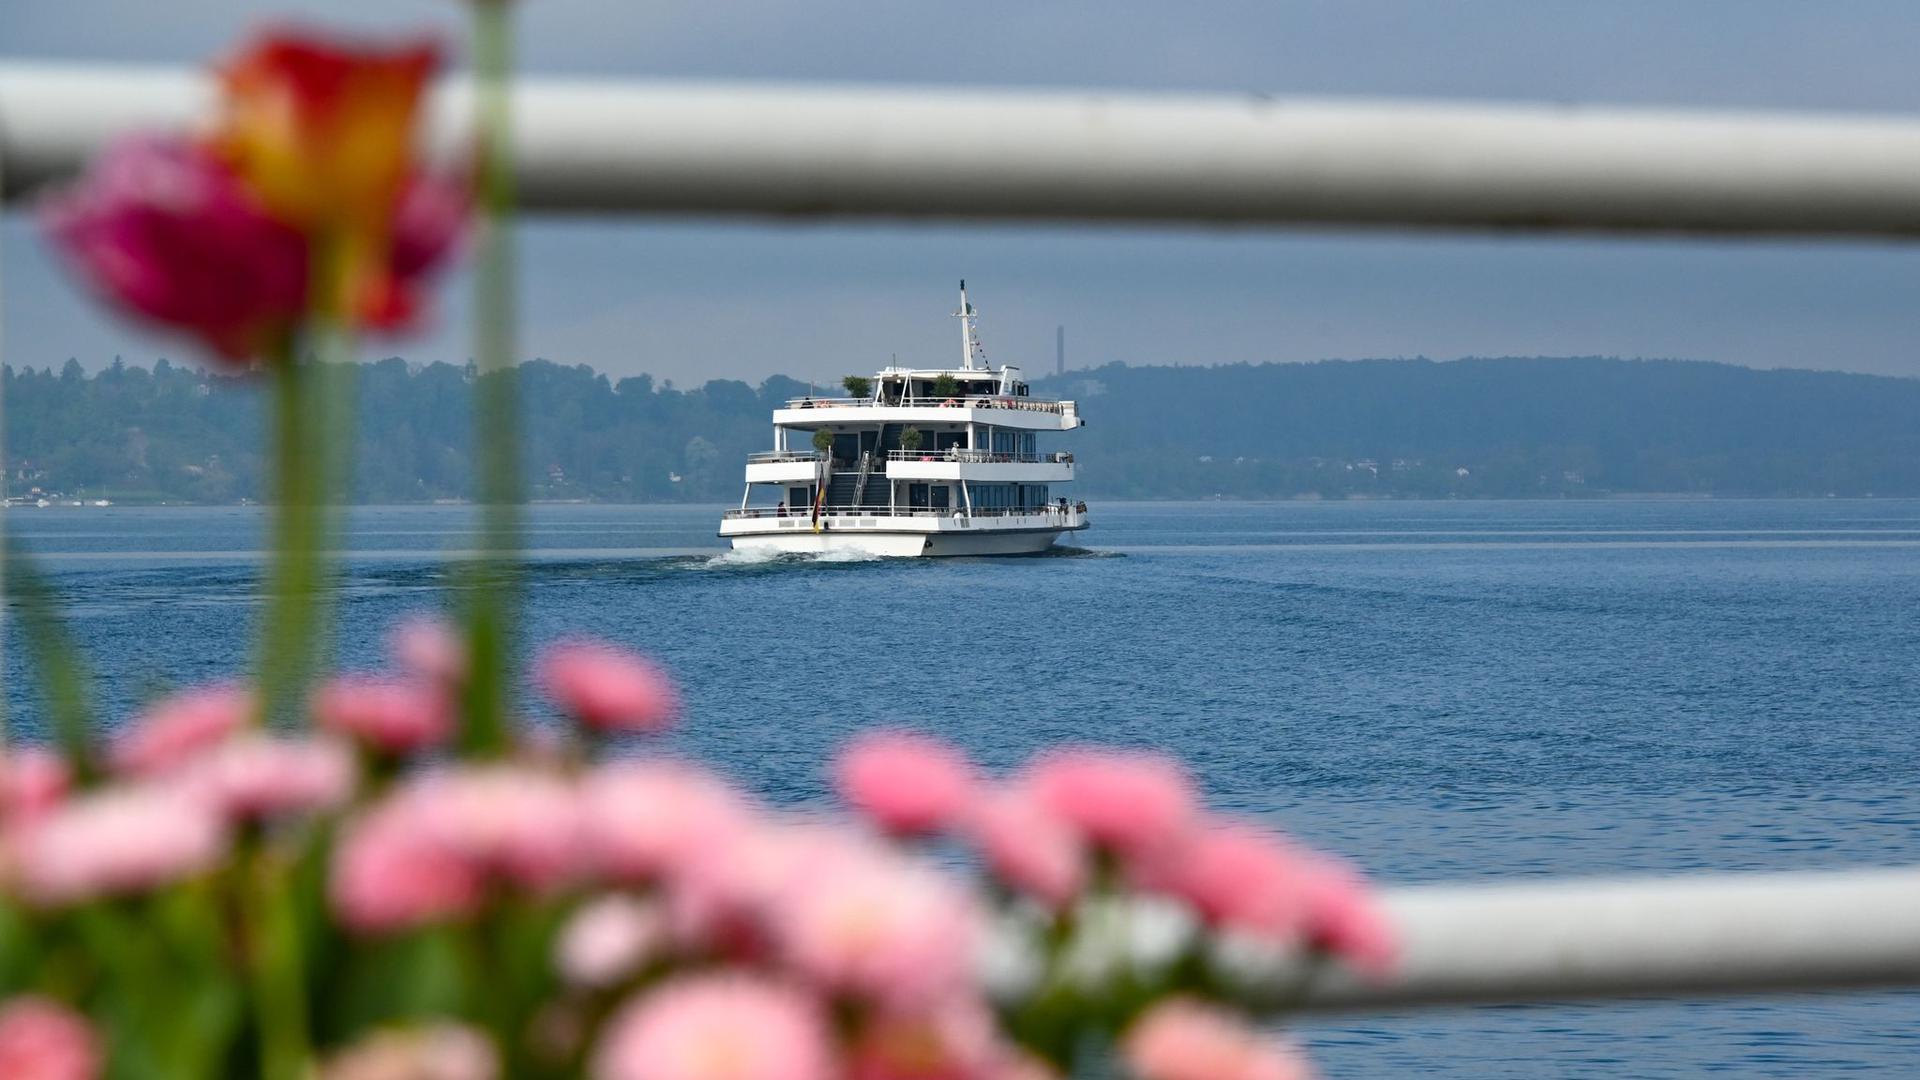 Ein Passagierschiff fährt Richtung Insel Mainau.